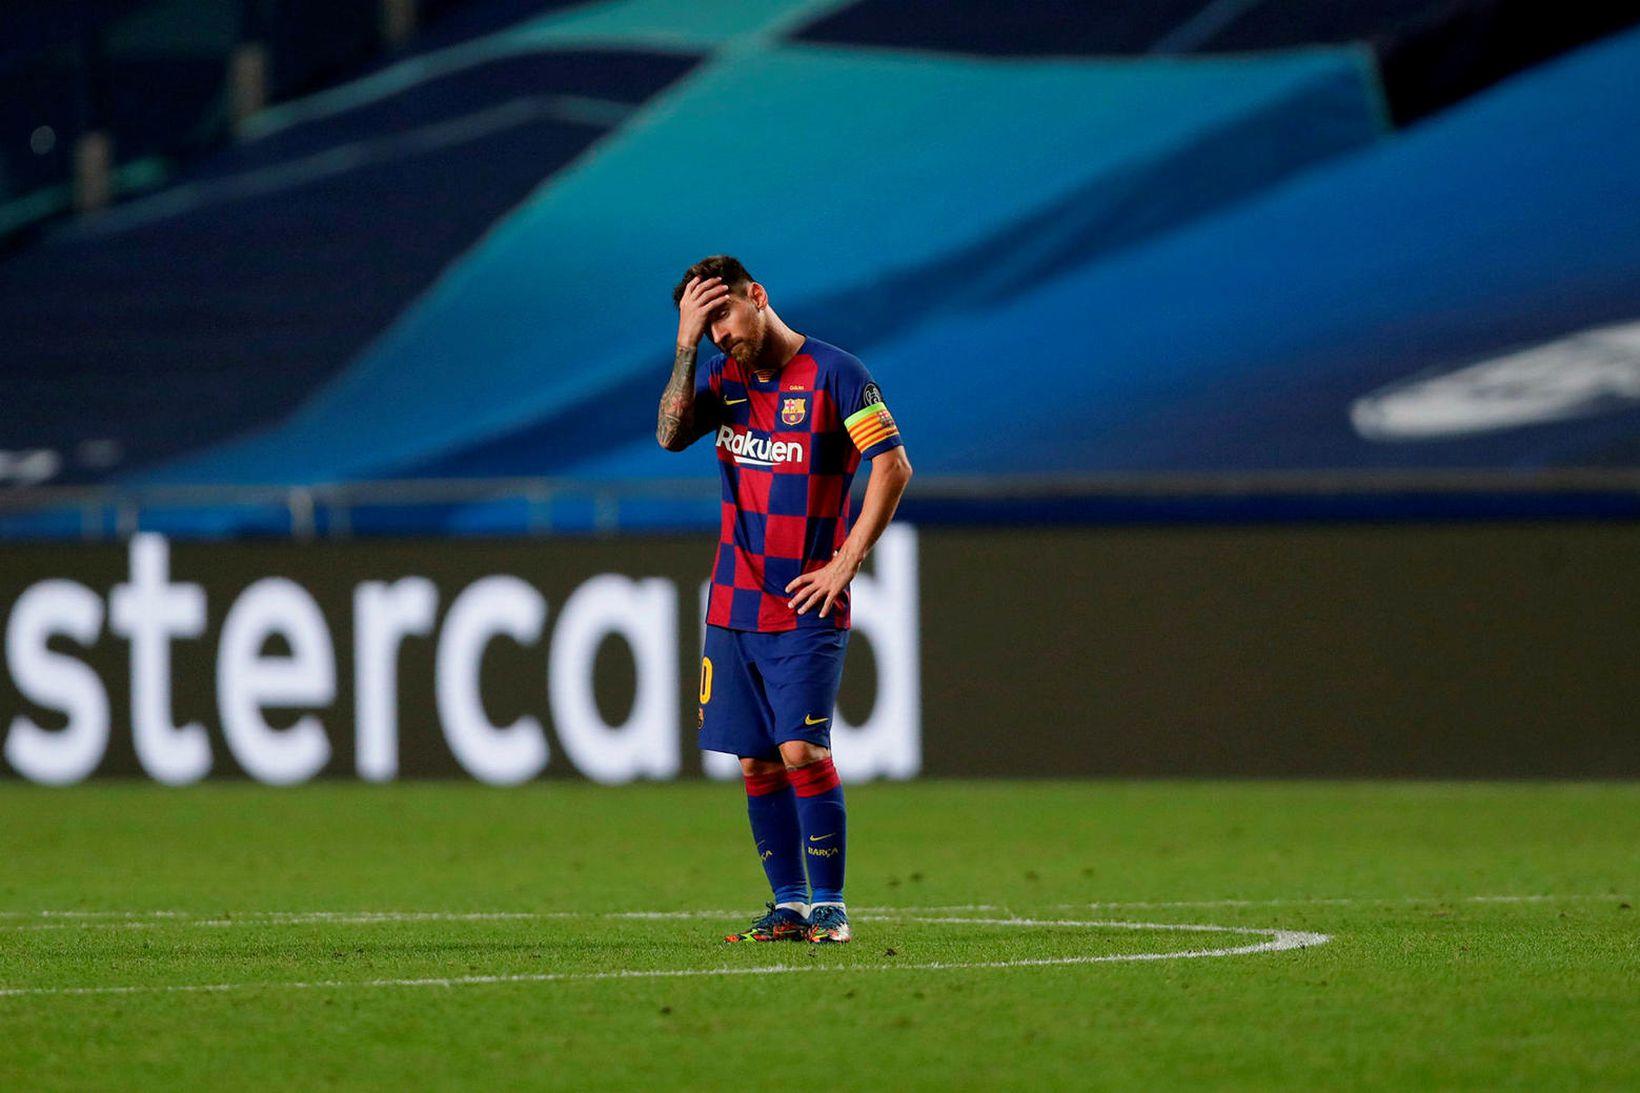 Lionel Messi eftir skellinn í gærkvöldi.